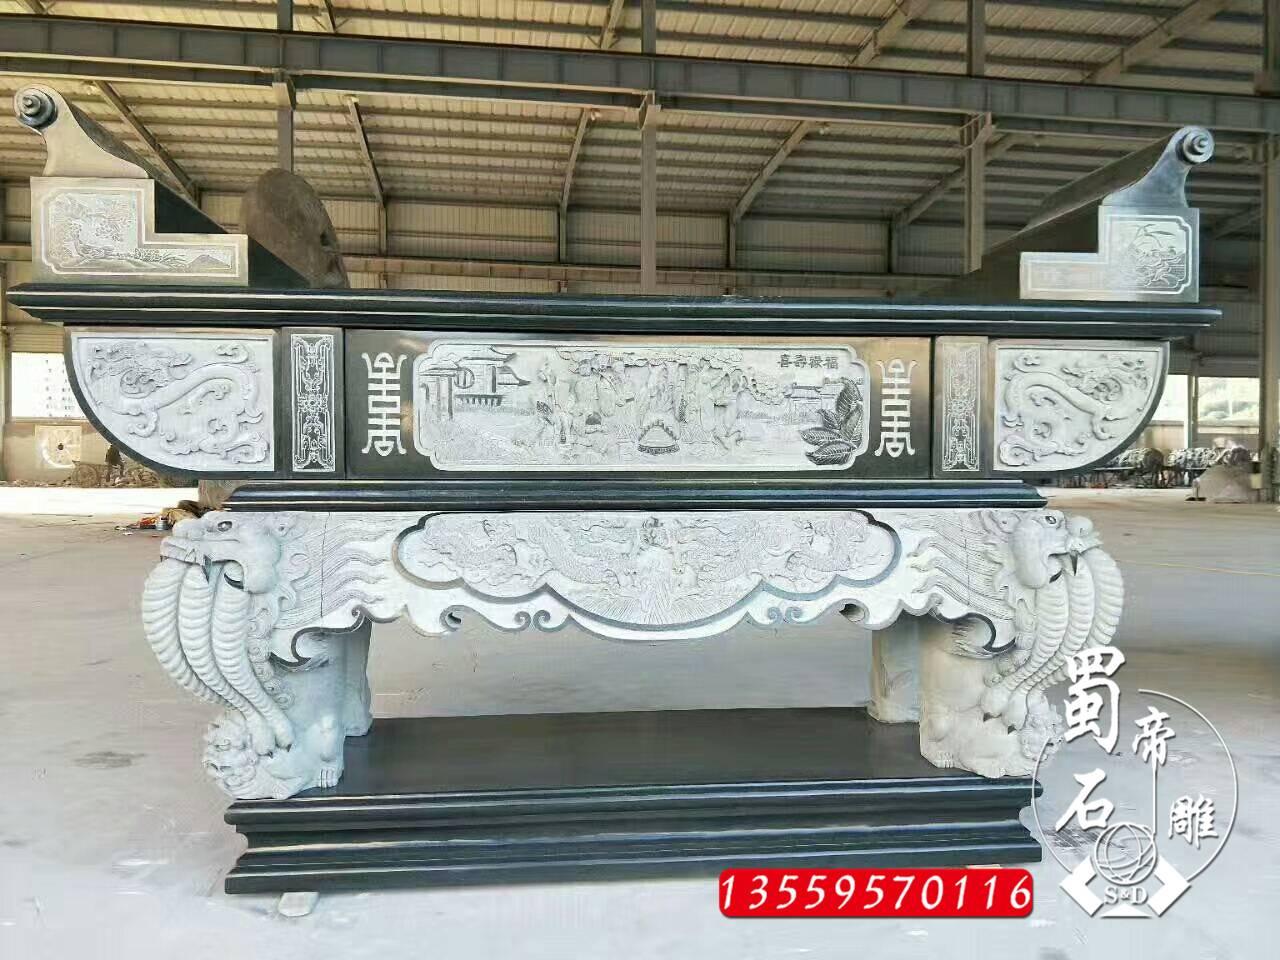 石雕供桌 寺庙神台 大理石佛桌 石材供桌